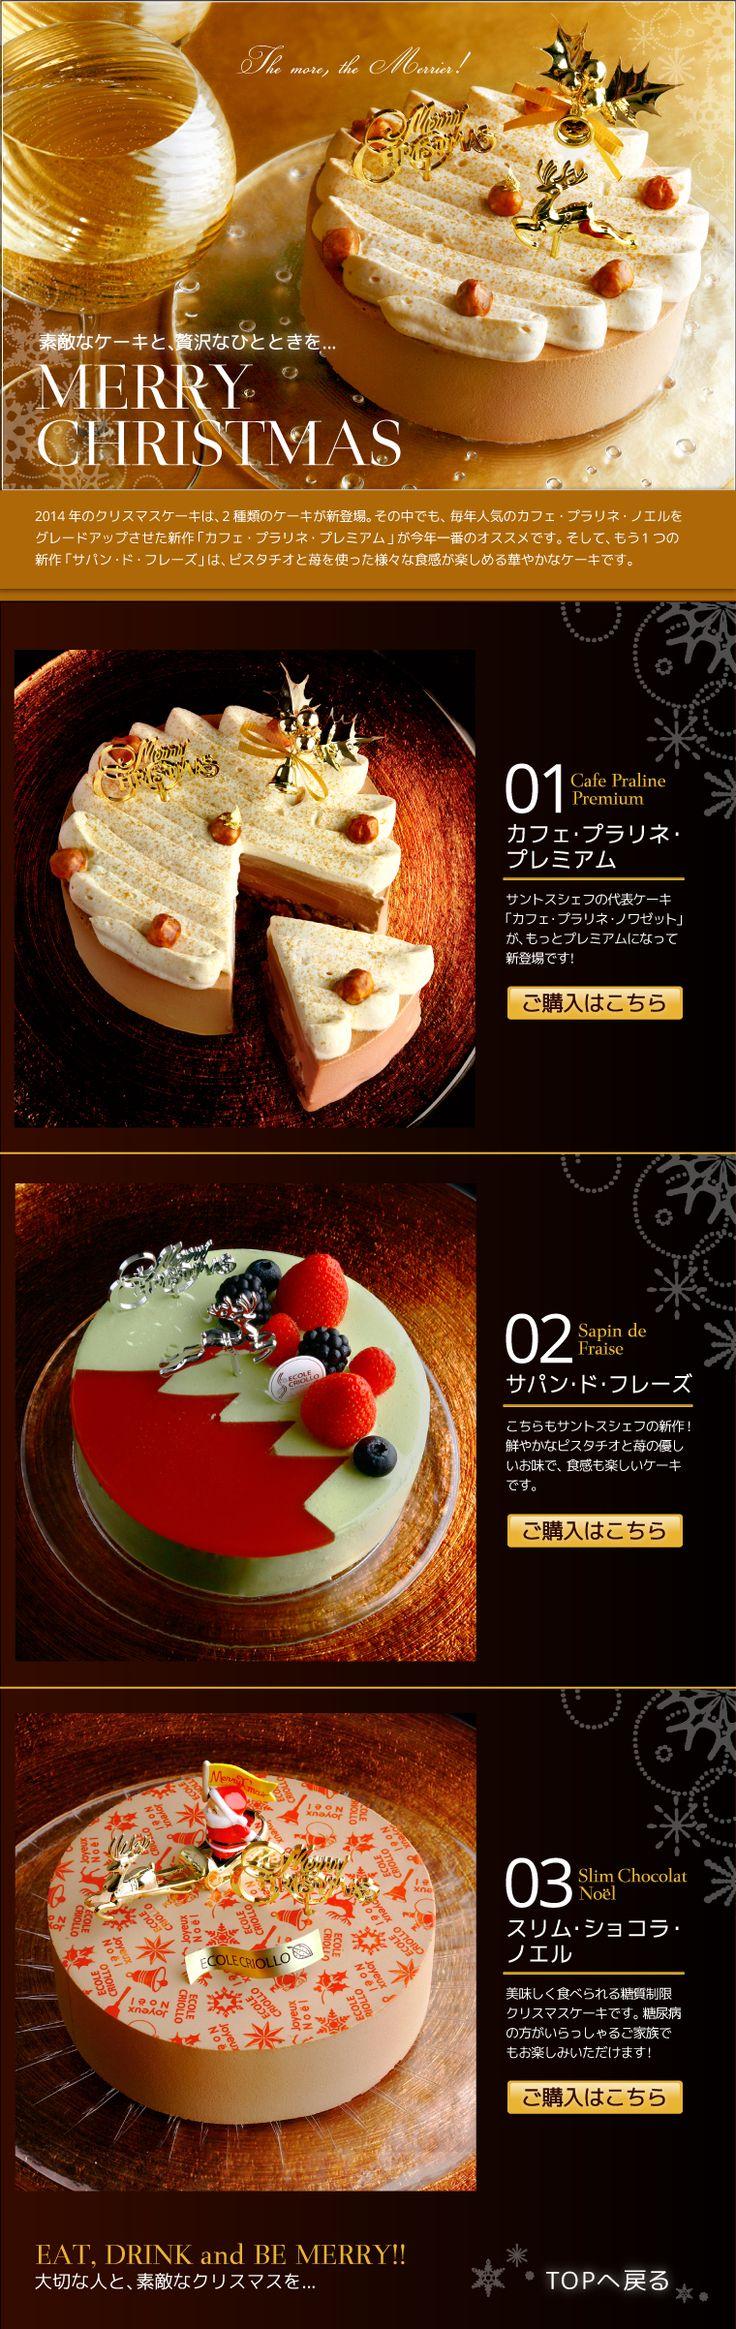 エコール・クリオロ 2014クリスマスケーキ